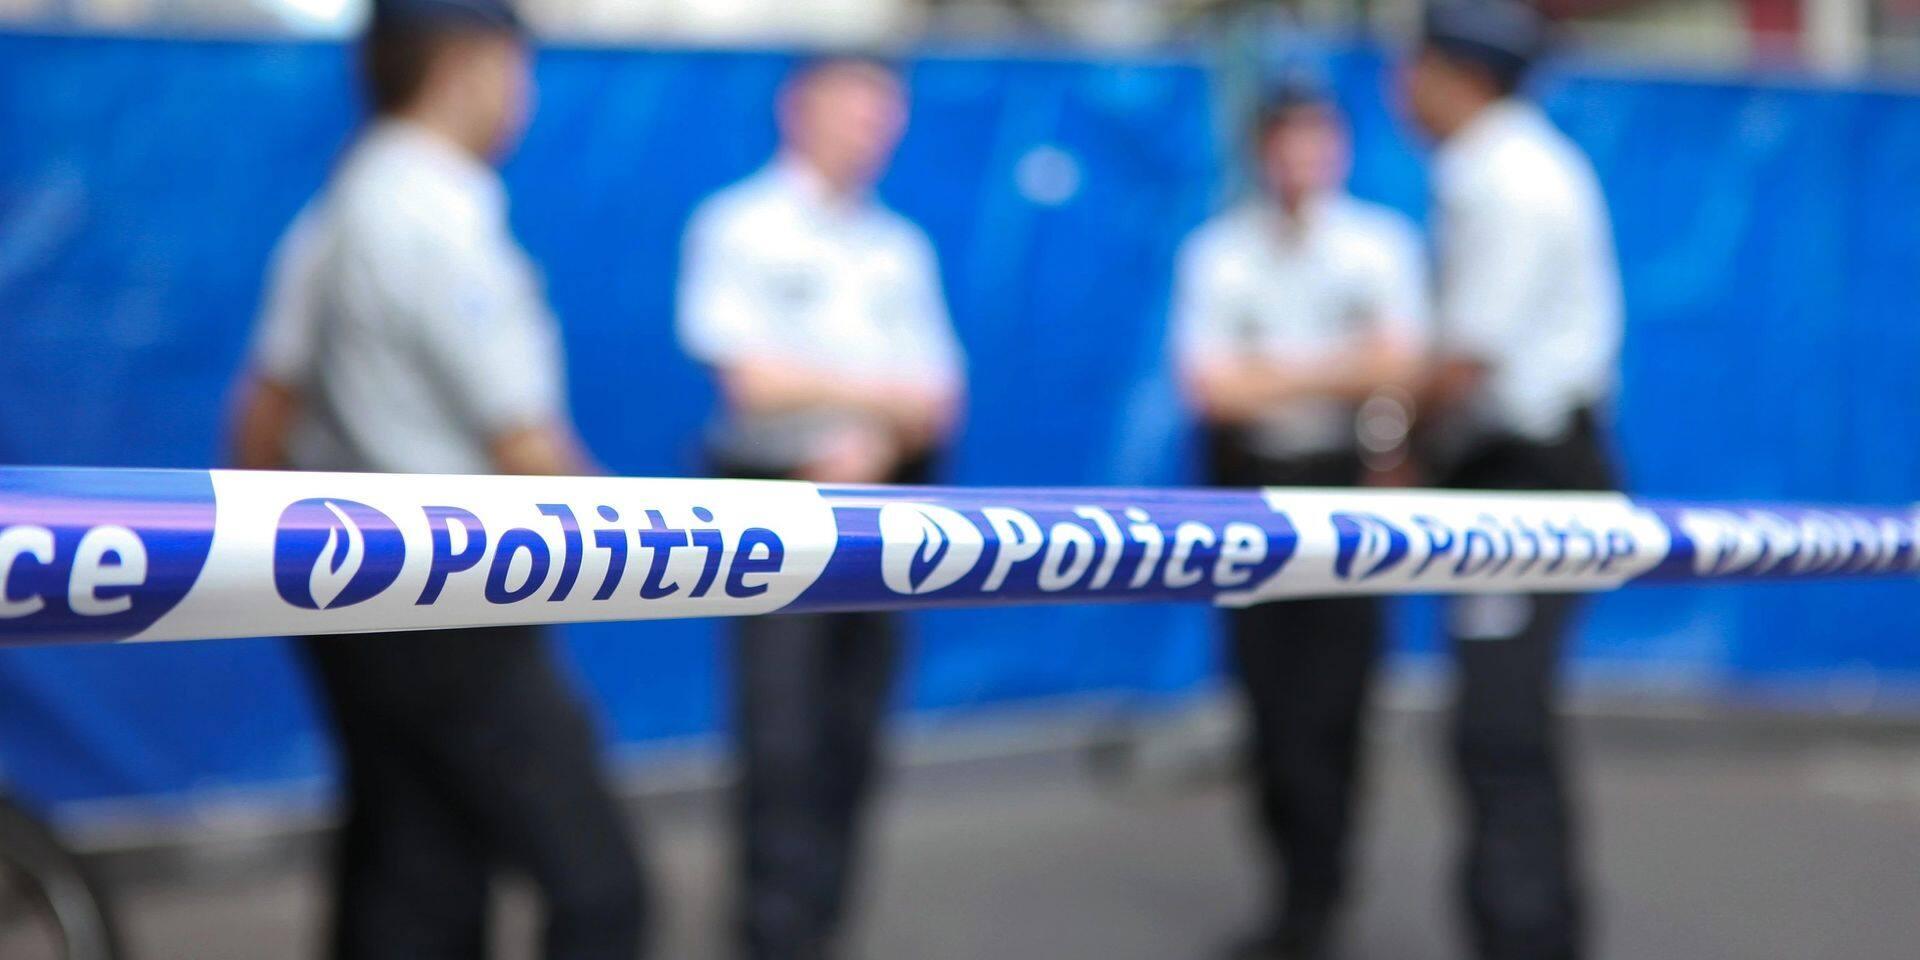 Un motocycliste perd la vie dans une course-poursuite avec la police à Bruxelles